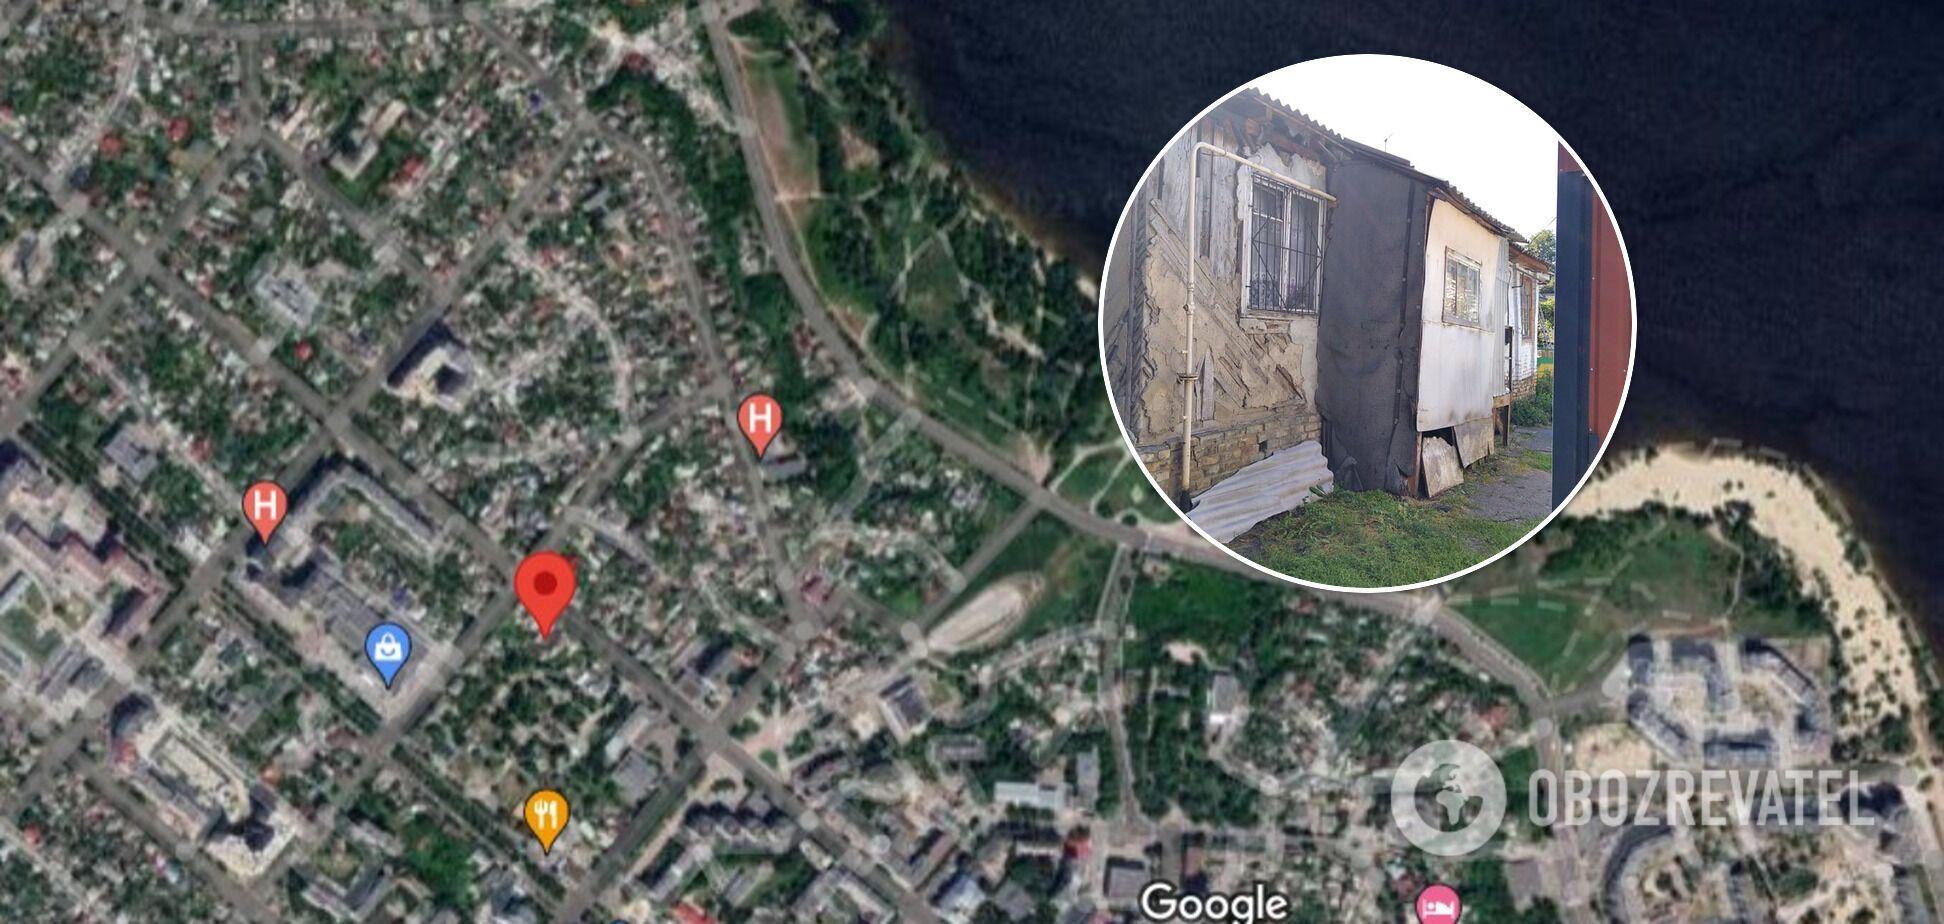 Трагедия произошла в Черкассах на улице Крещатик